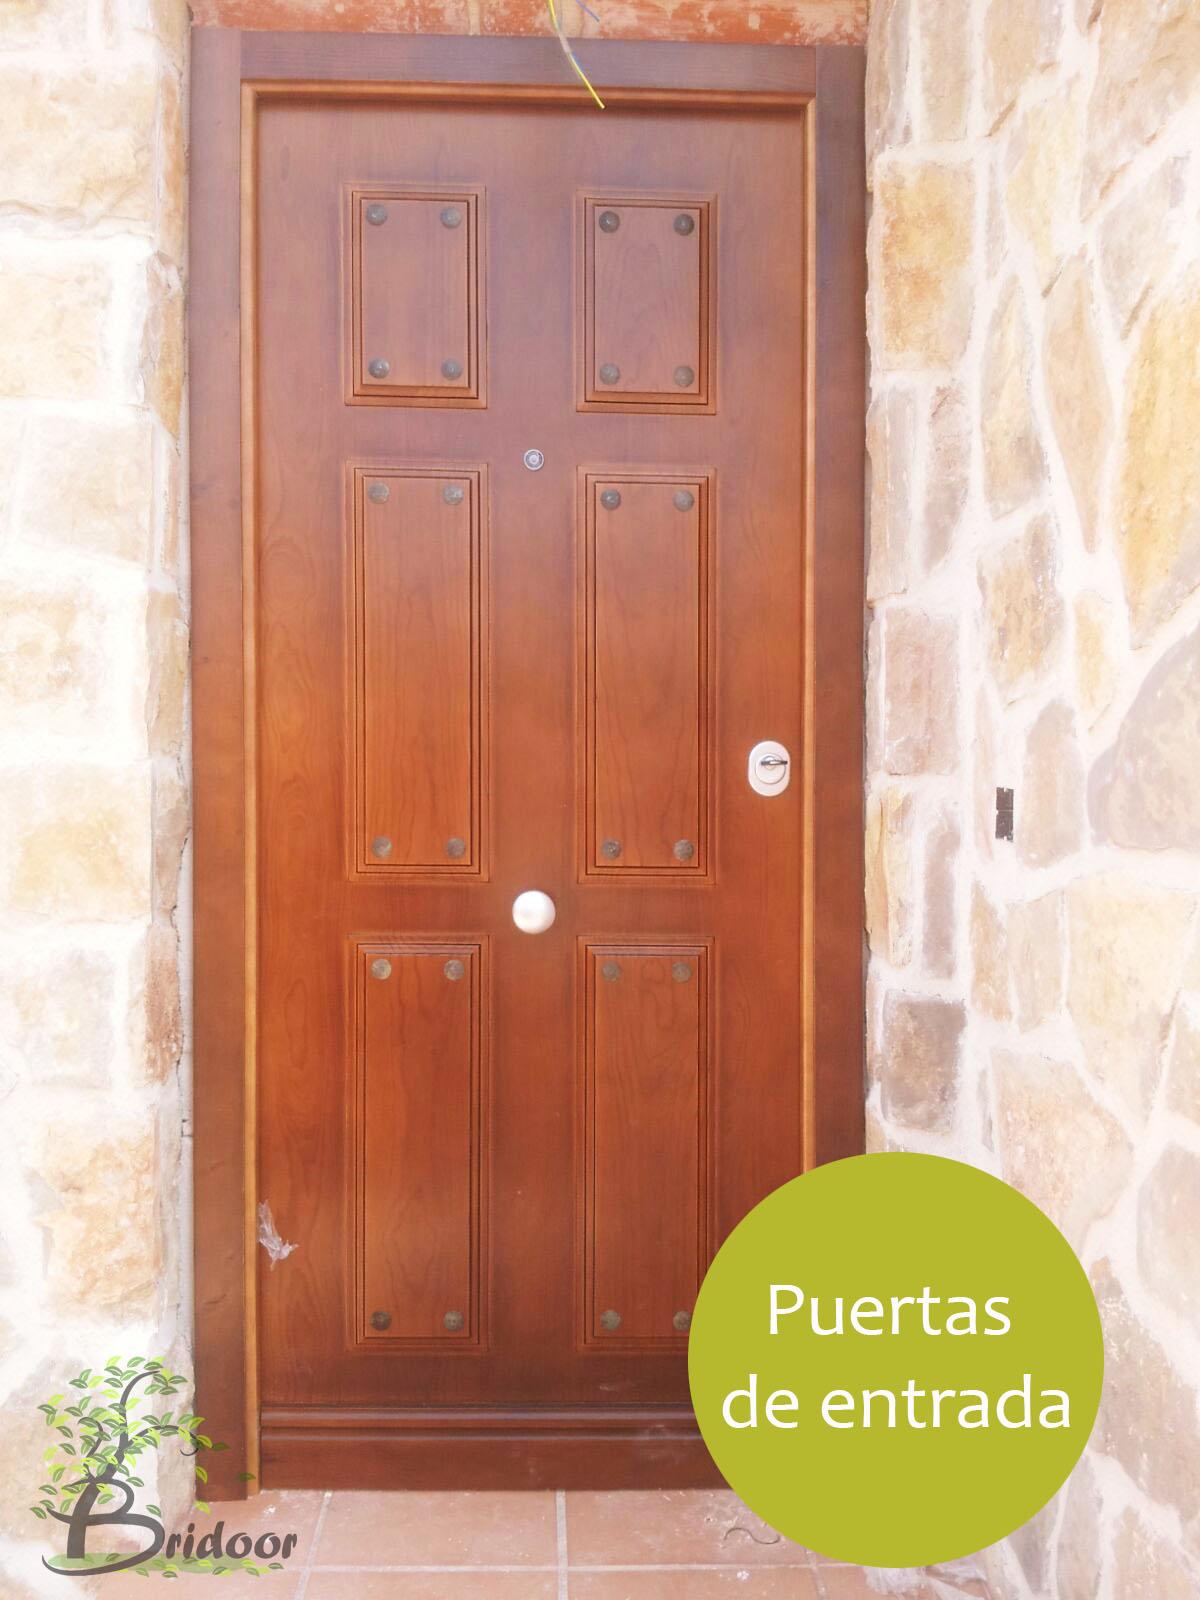 Bridoor SL Puerta de entrada roble en Soto del real